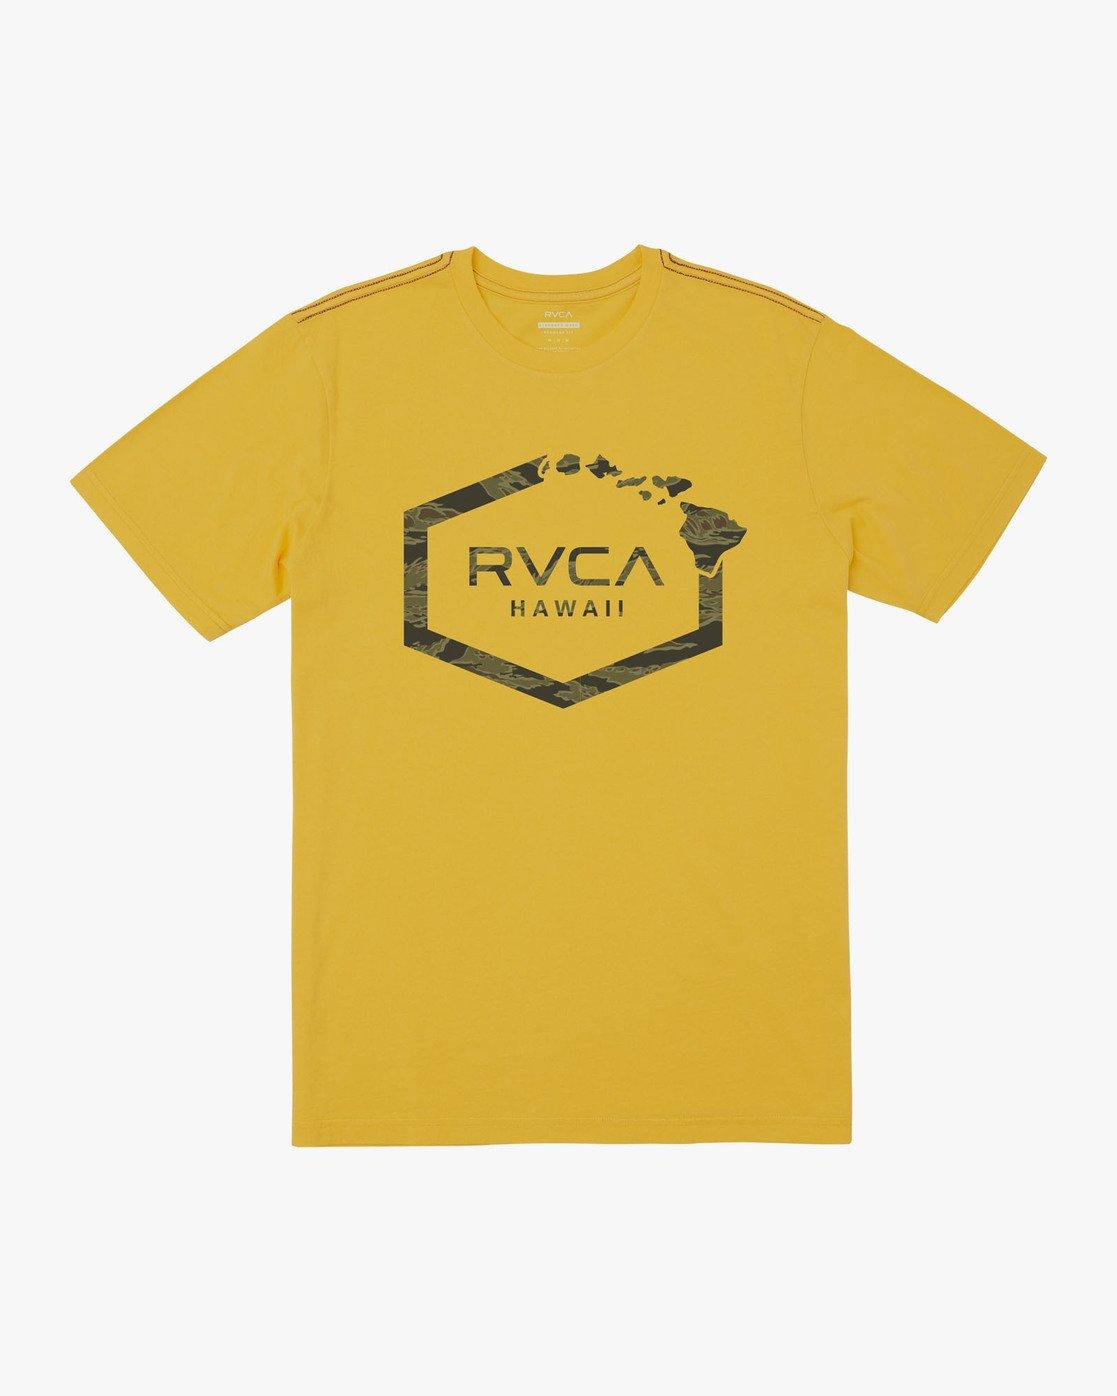 0 ISLAND HEX FILL - TIGER CAM T-SHIRT Yellow M4301RIH RVCA